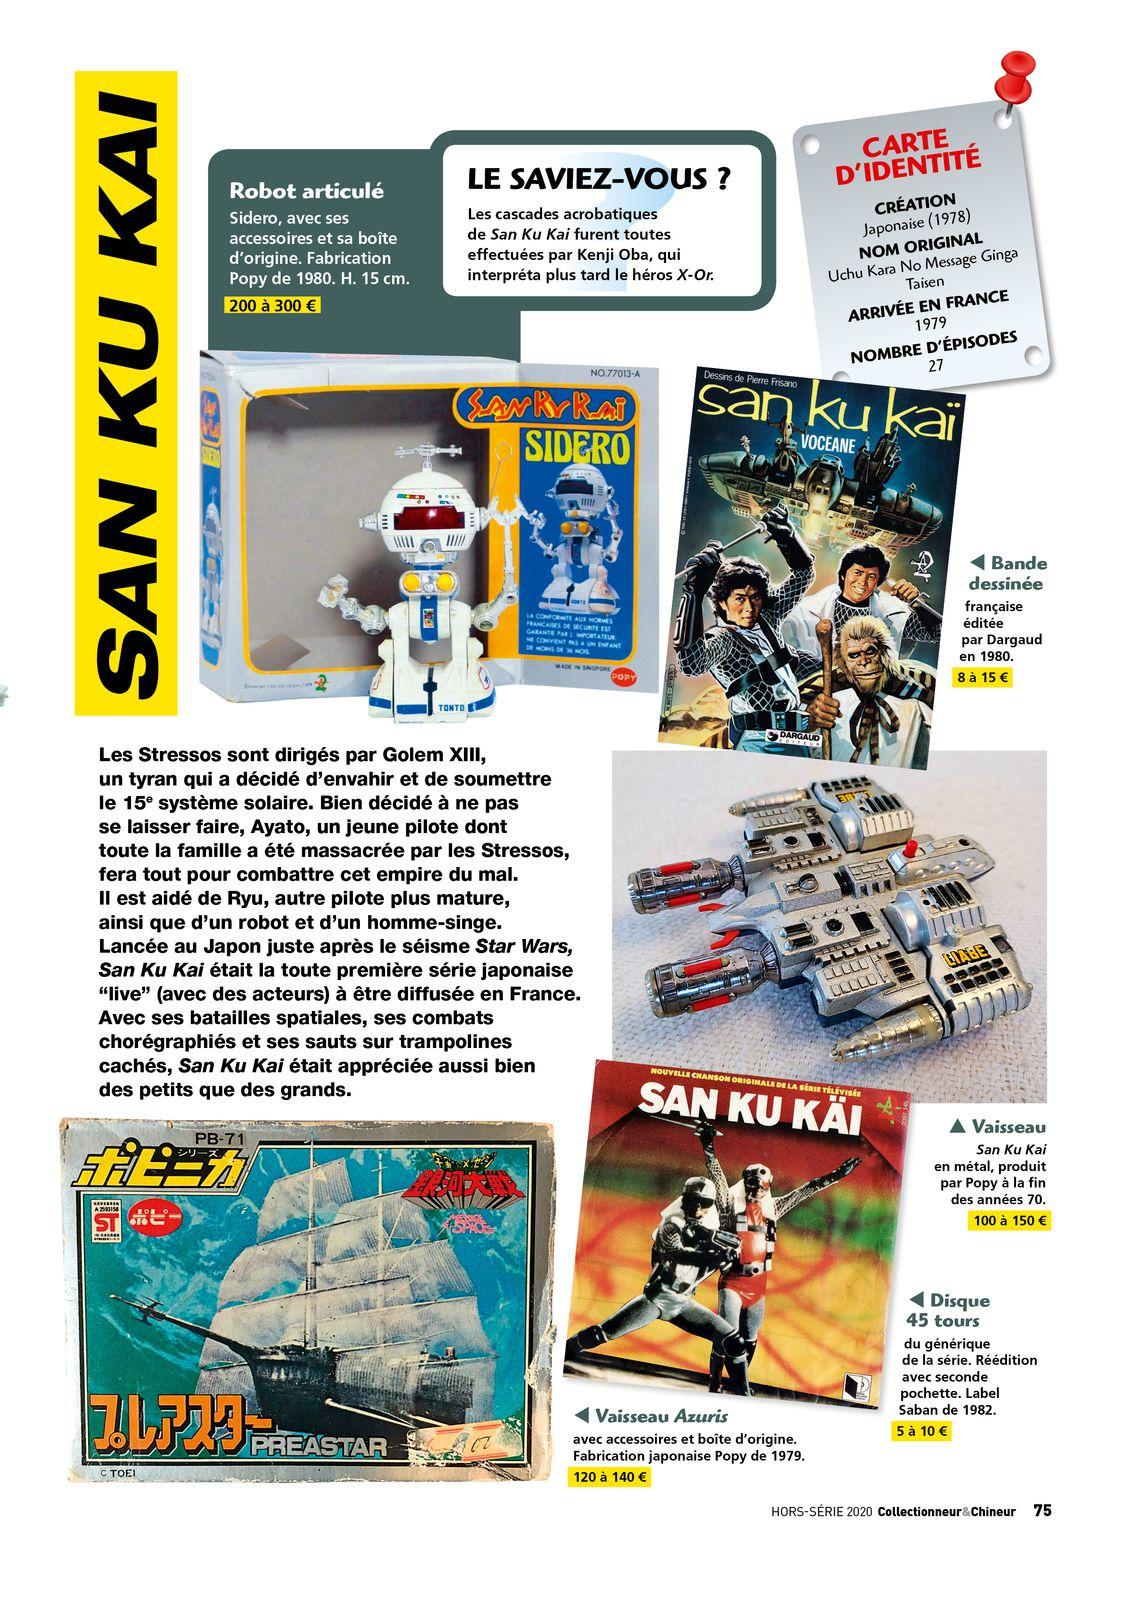 """Extraits du magazine """"100 héros de notre enfance"""" - hors-série de Collectionneur&Chineur paru chez LVA Editions"""